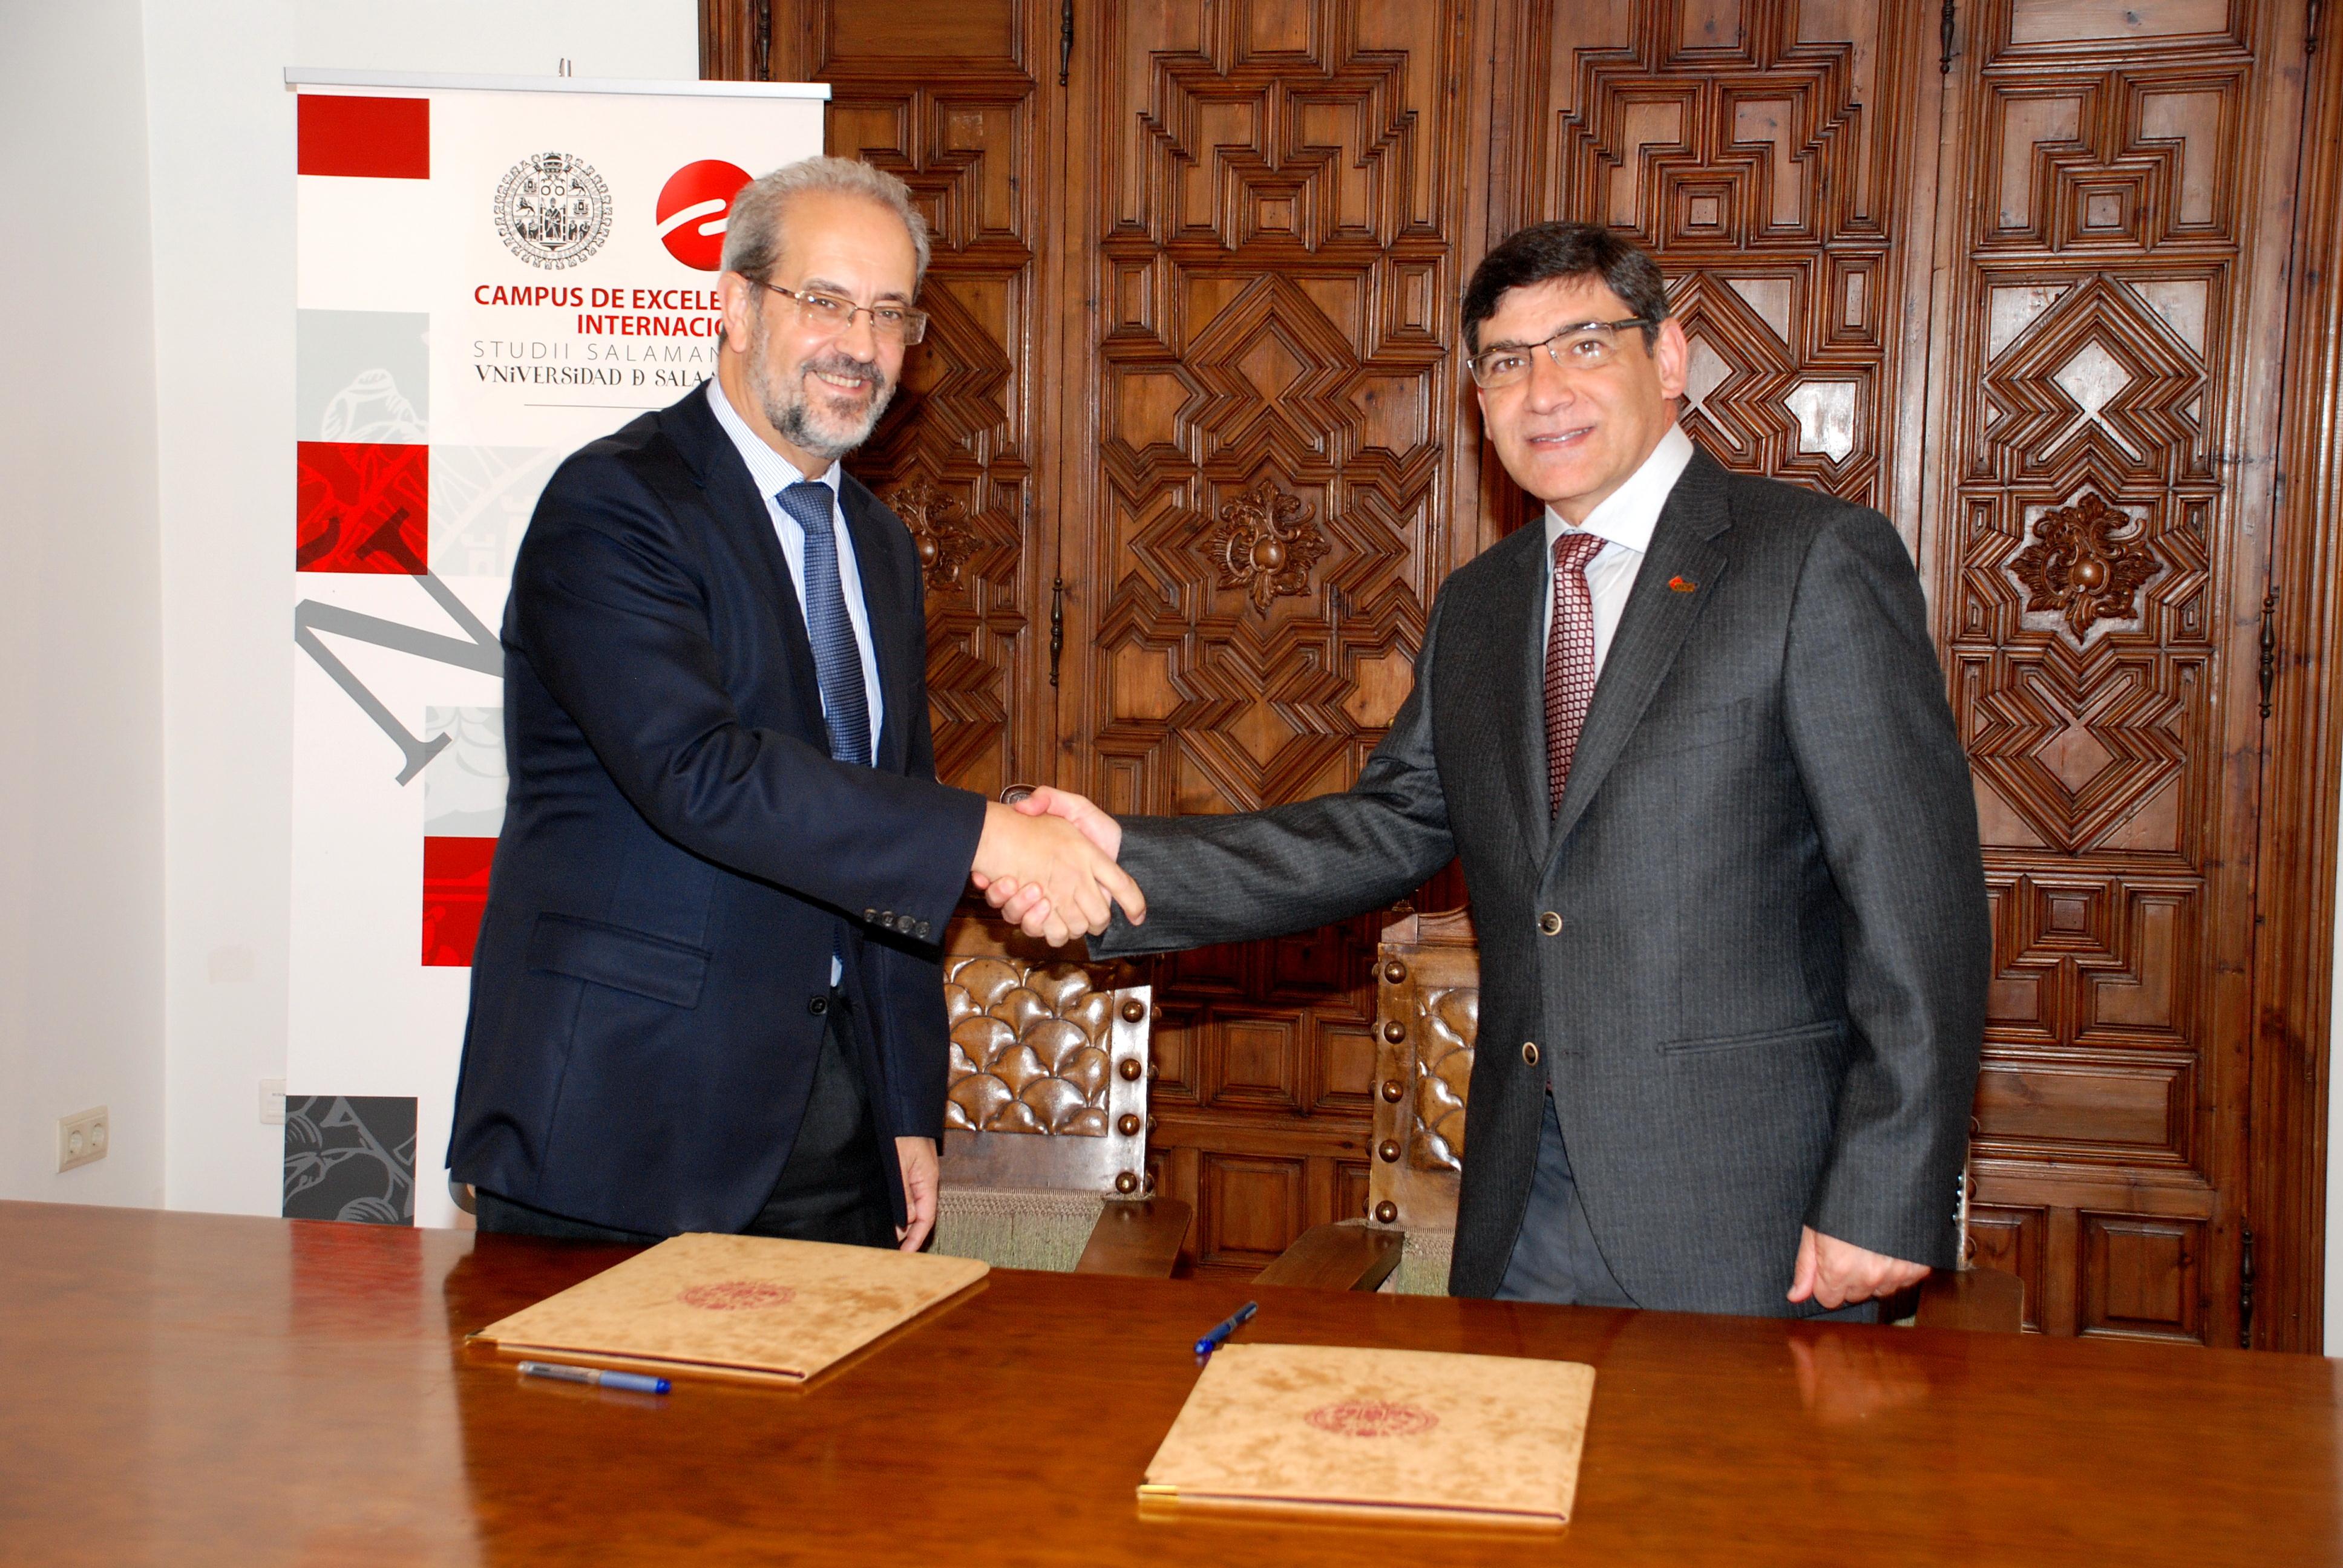 La Universidad de Salamanca suscribe un convenio de colaboración universitaria con la universidad brasileña de Passo Fundo